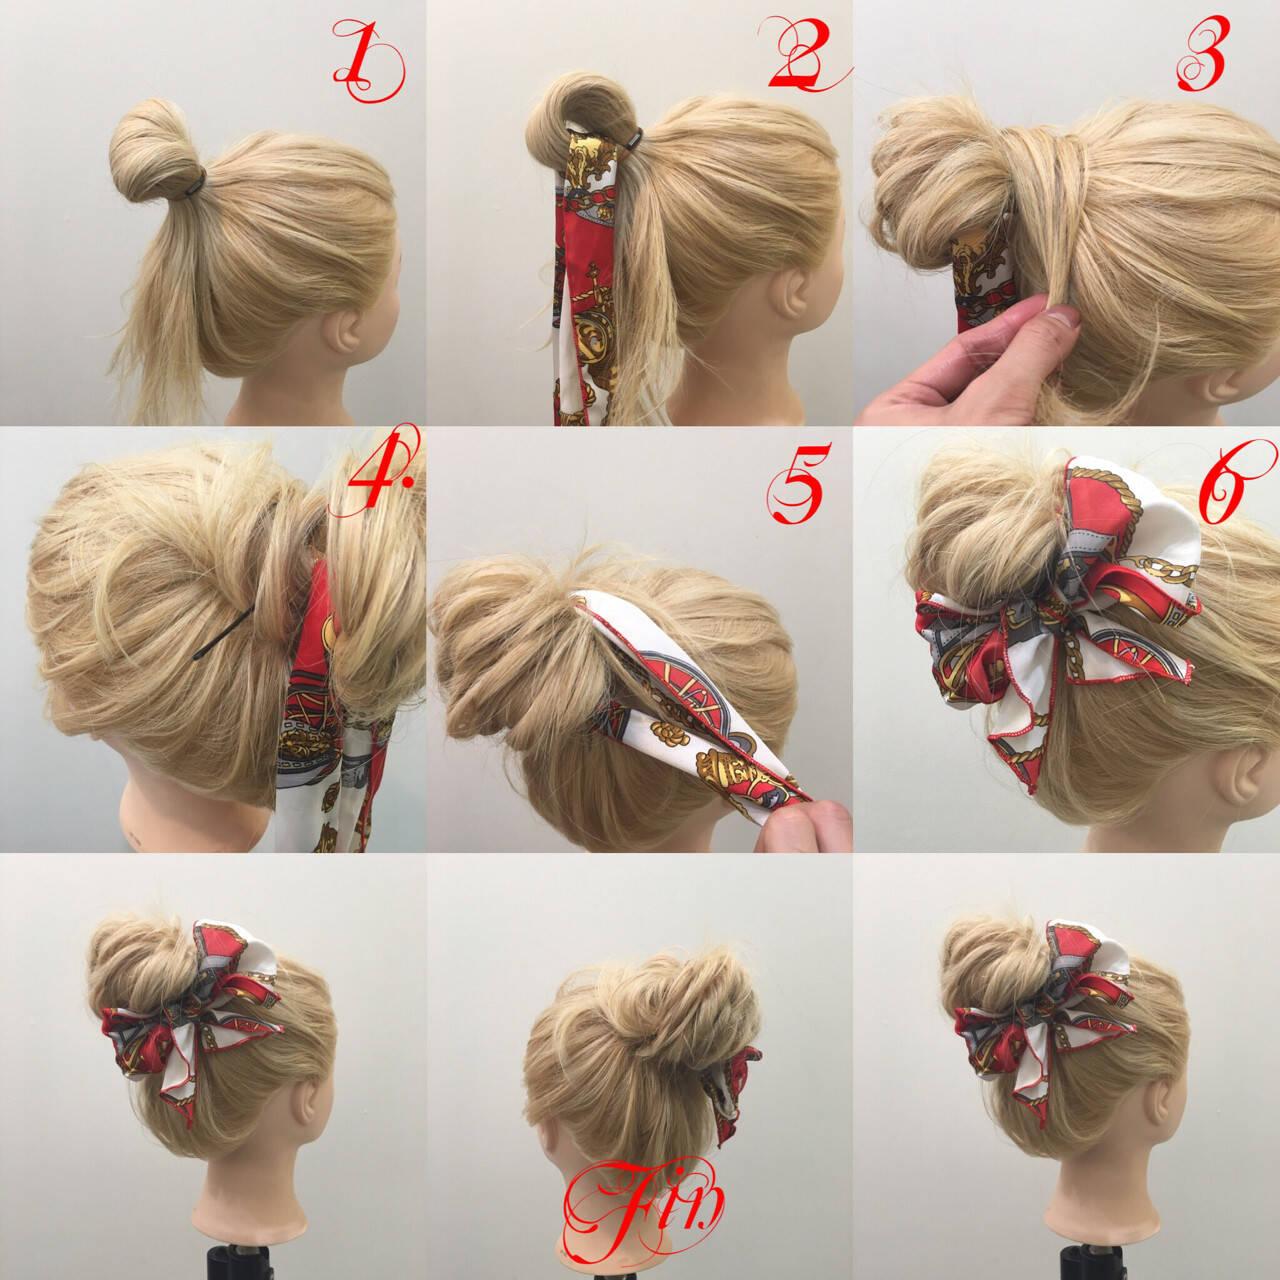 ゆるふわ ロング 簡単ヘアアレンジ メッシーバンヘアスタイルや髪型の写真・画像